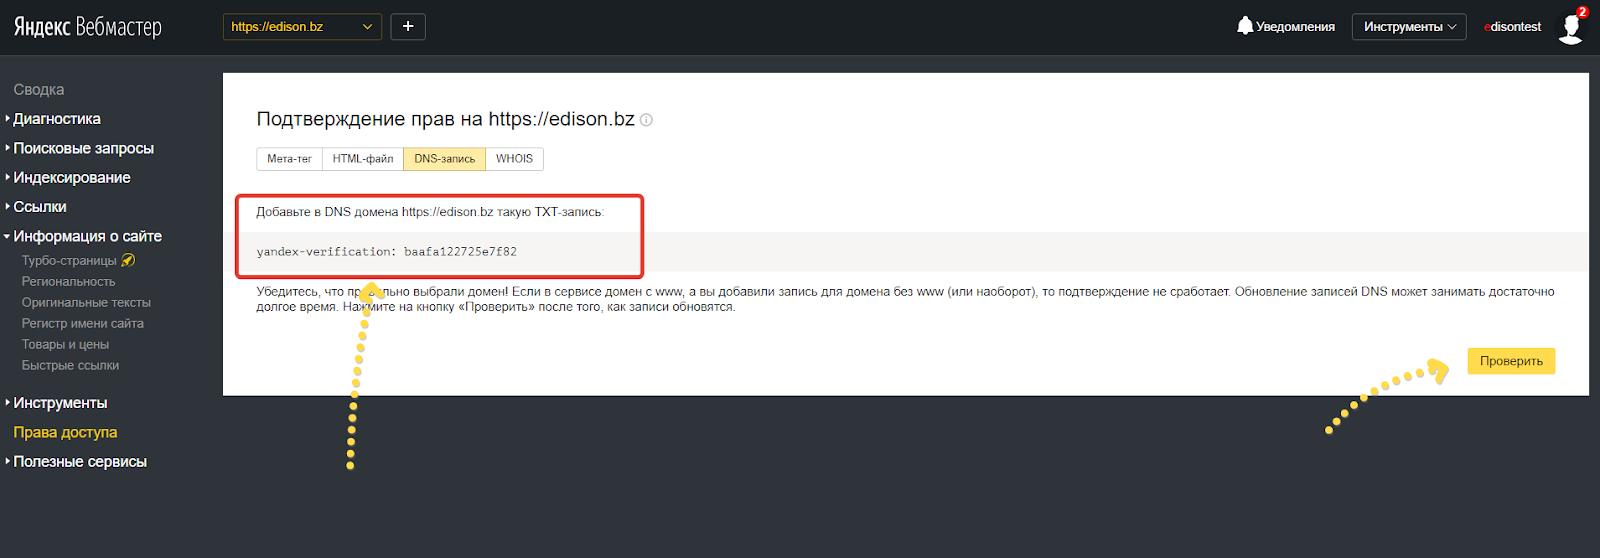 Подтверждение прав сайта в Яндекс Вебмастере через DNS-запись